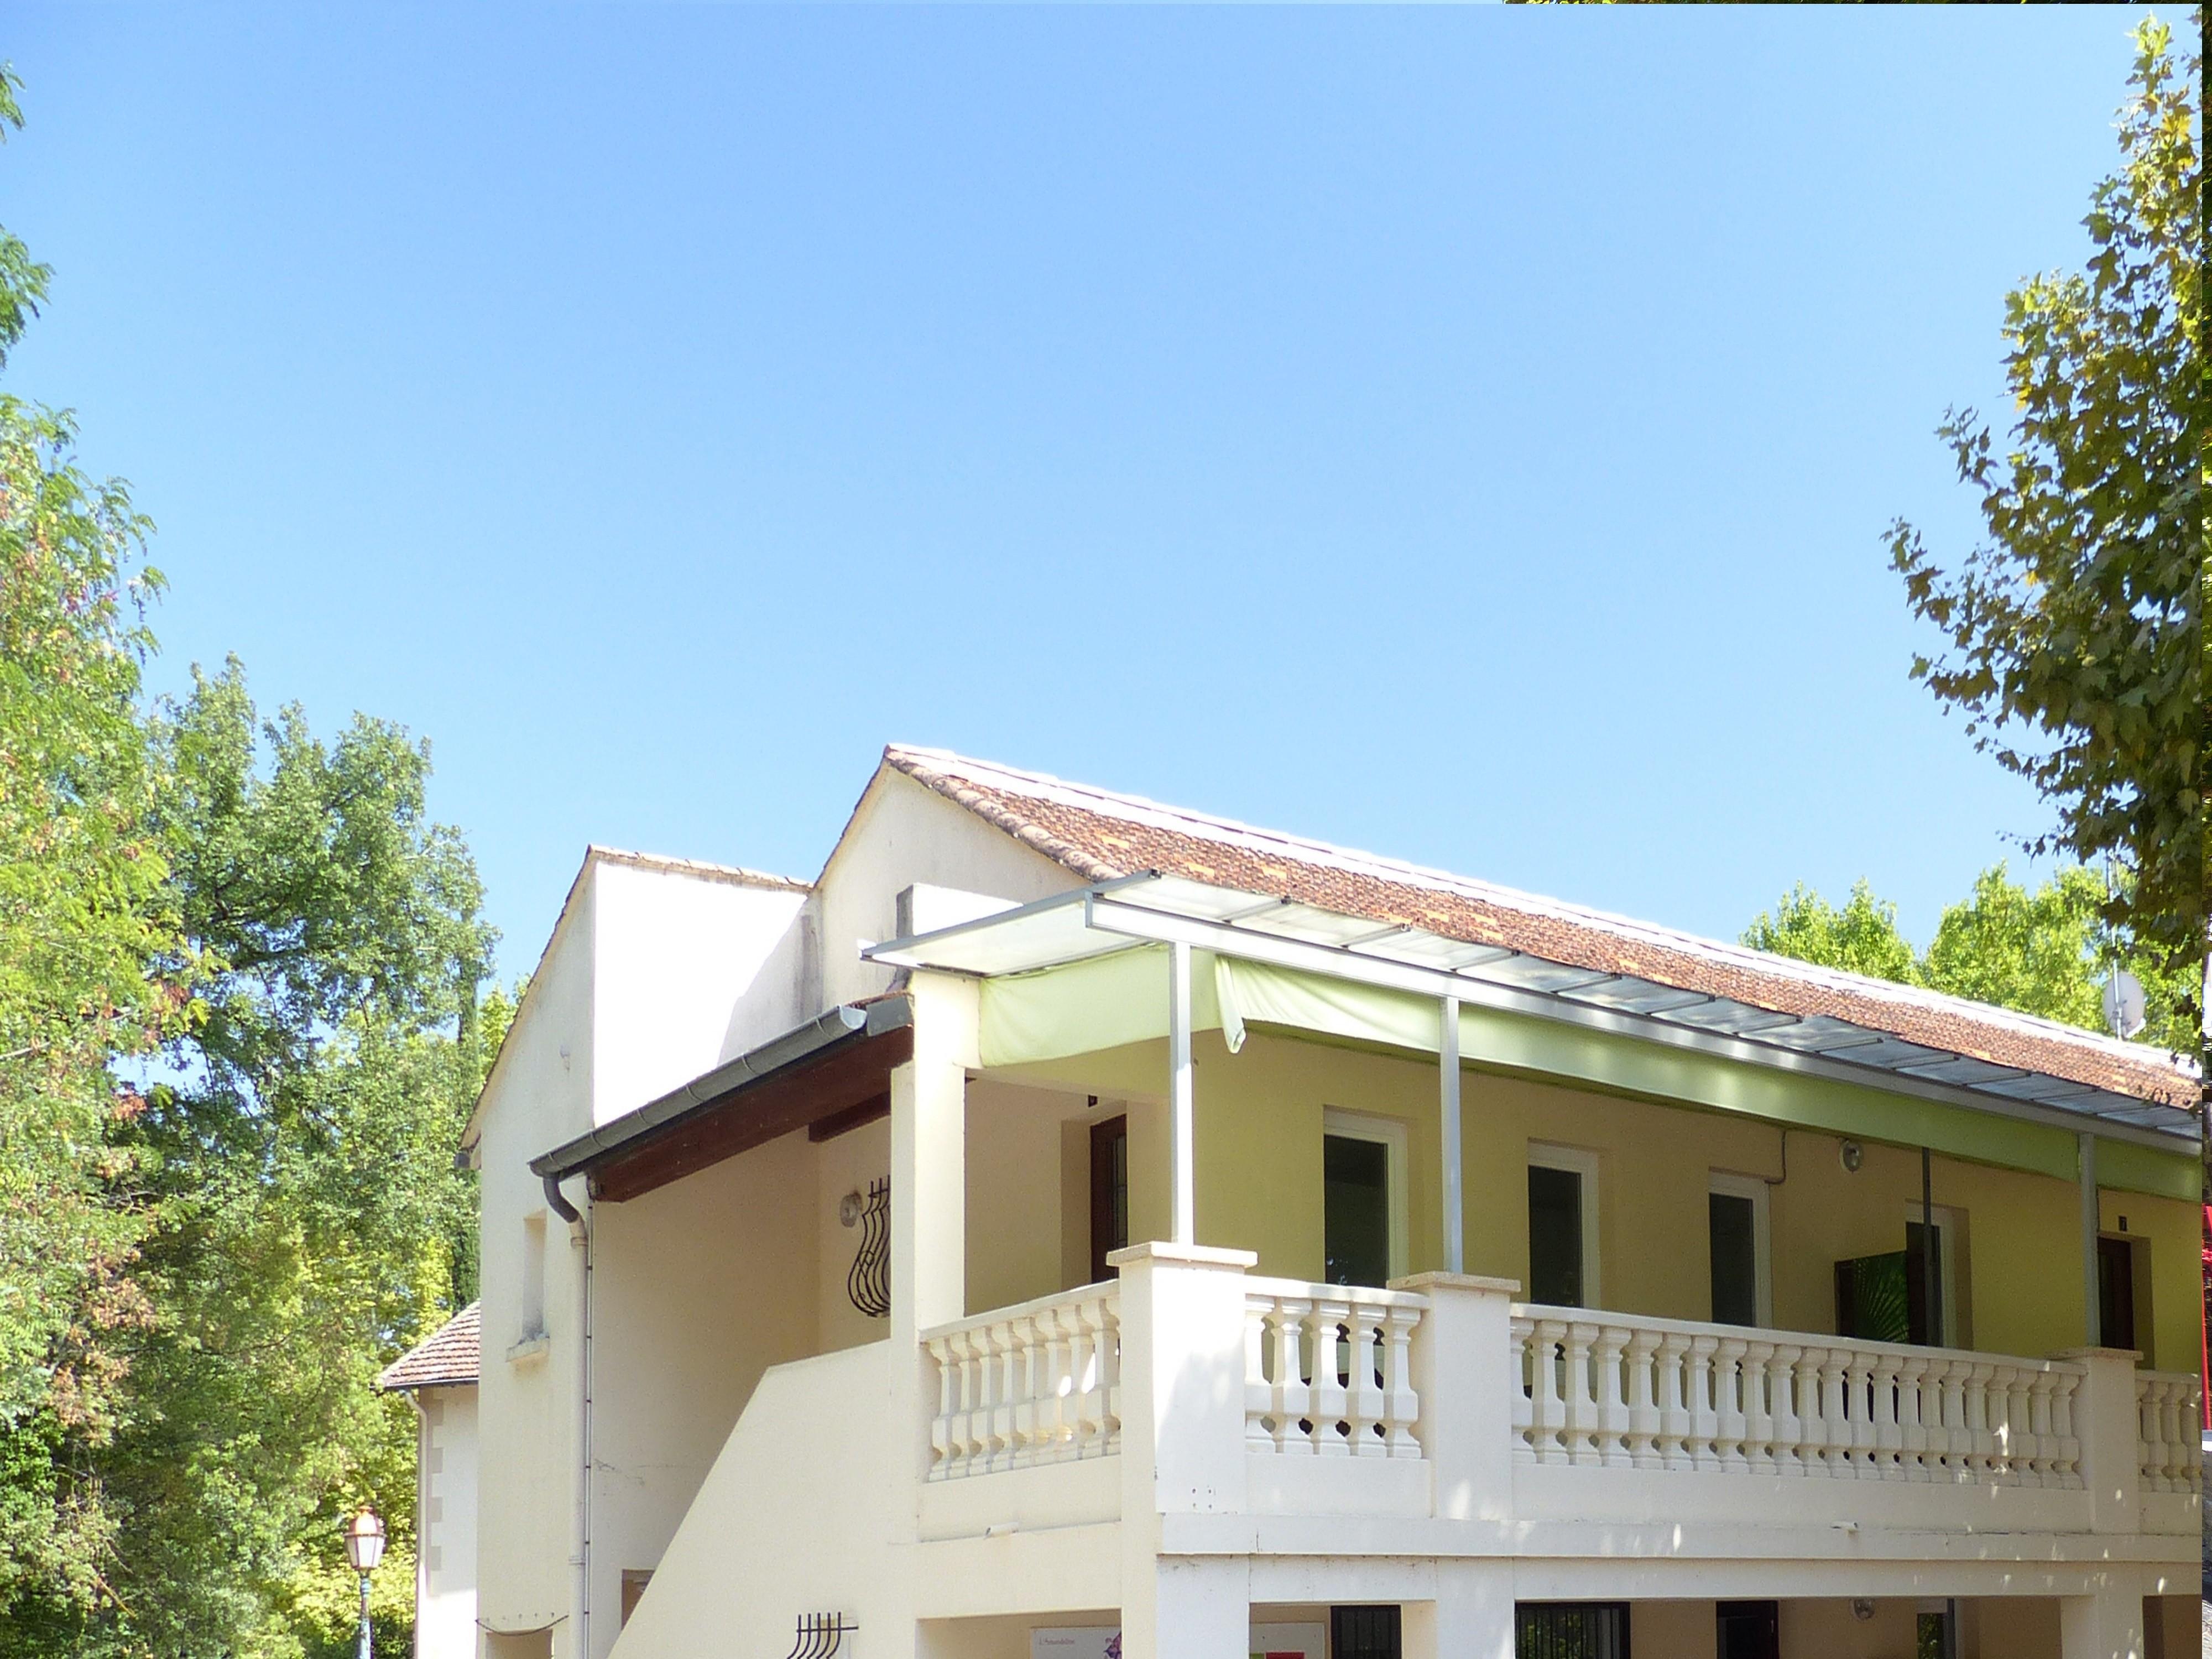 Coté terrasse Appart n°6 - 2 chambres au 1er étage